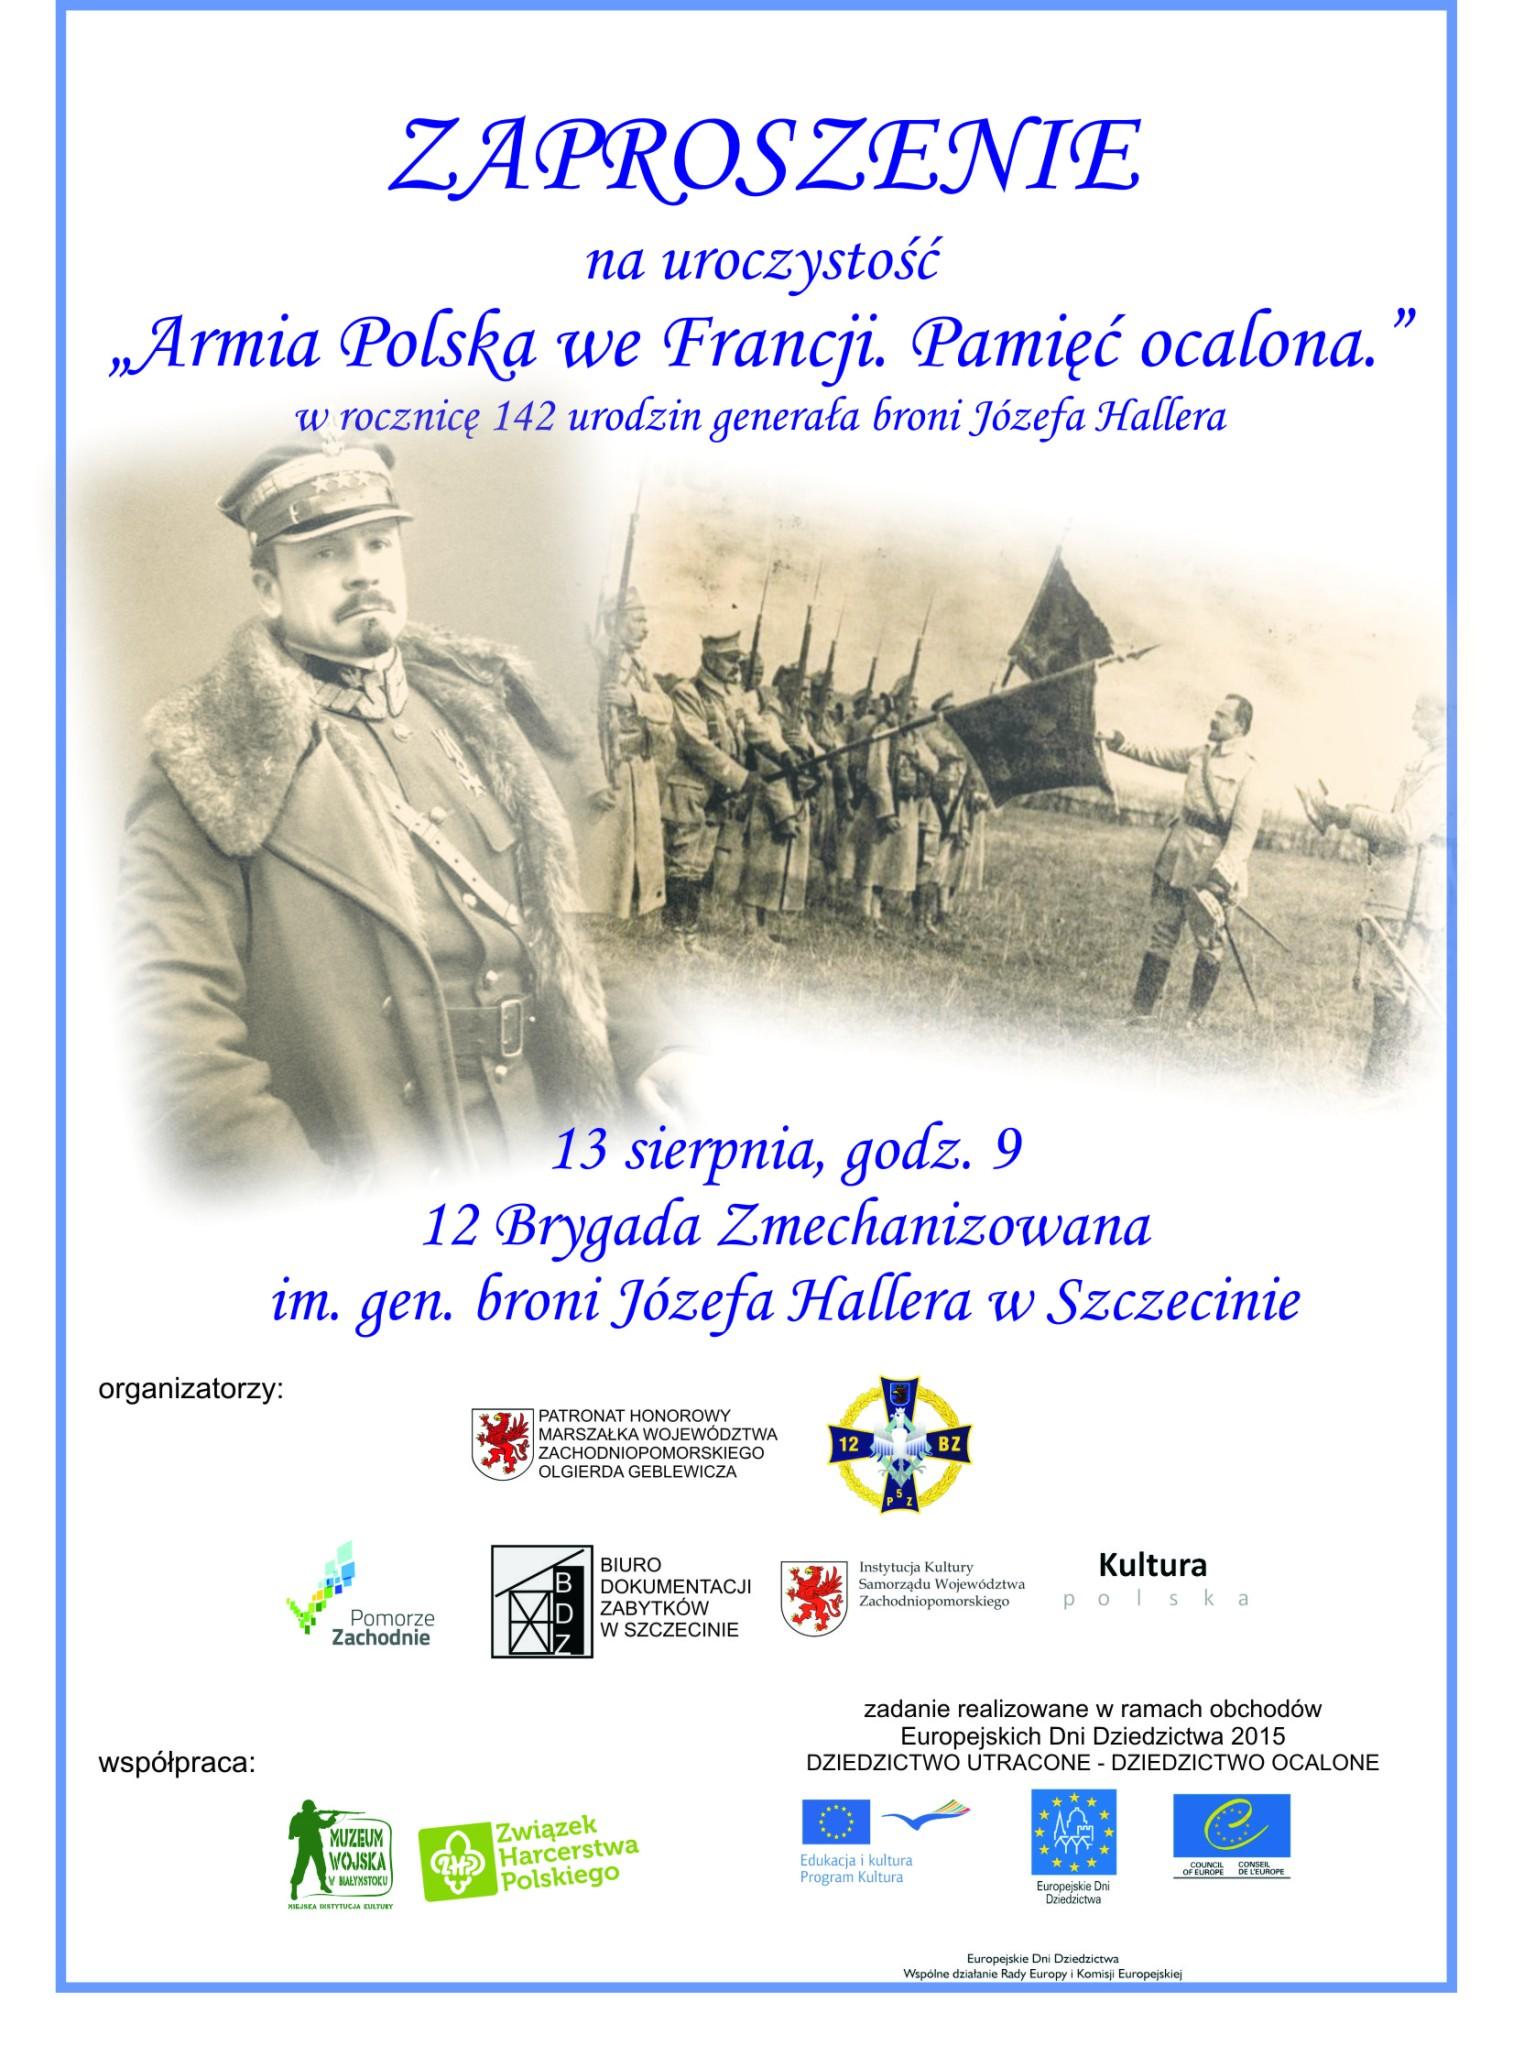 Polska - zaproszenie 13 sierpnia